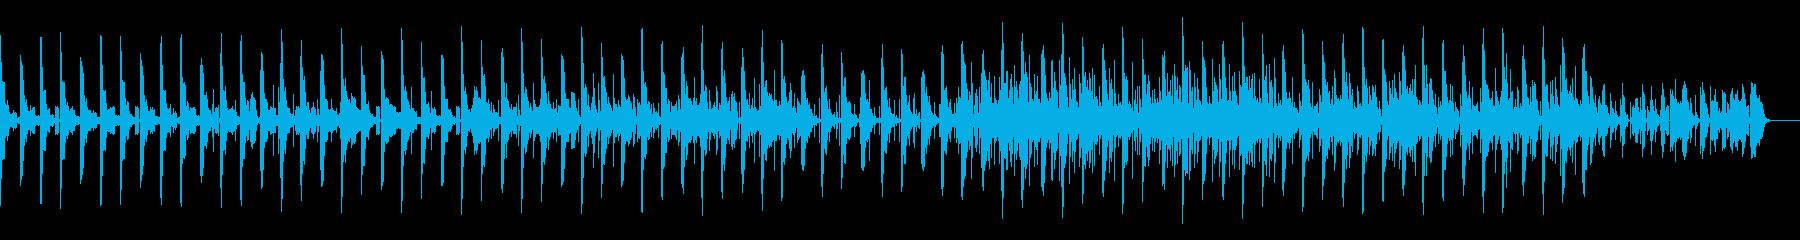 エクスペリメンタルなニカの再生済みの波形